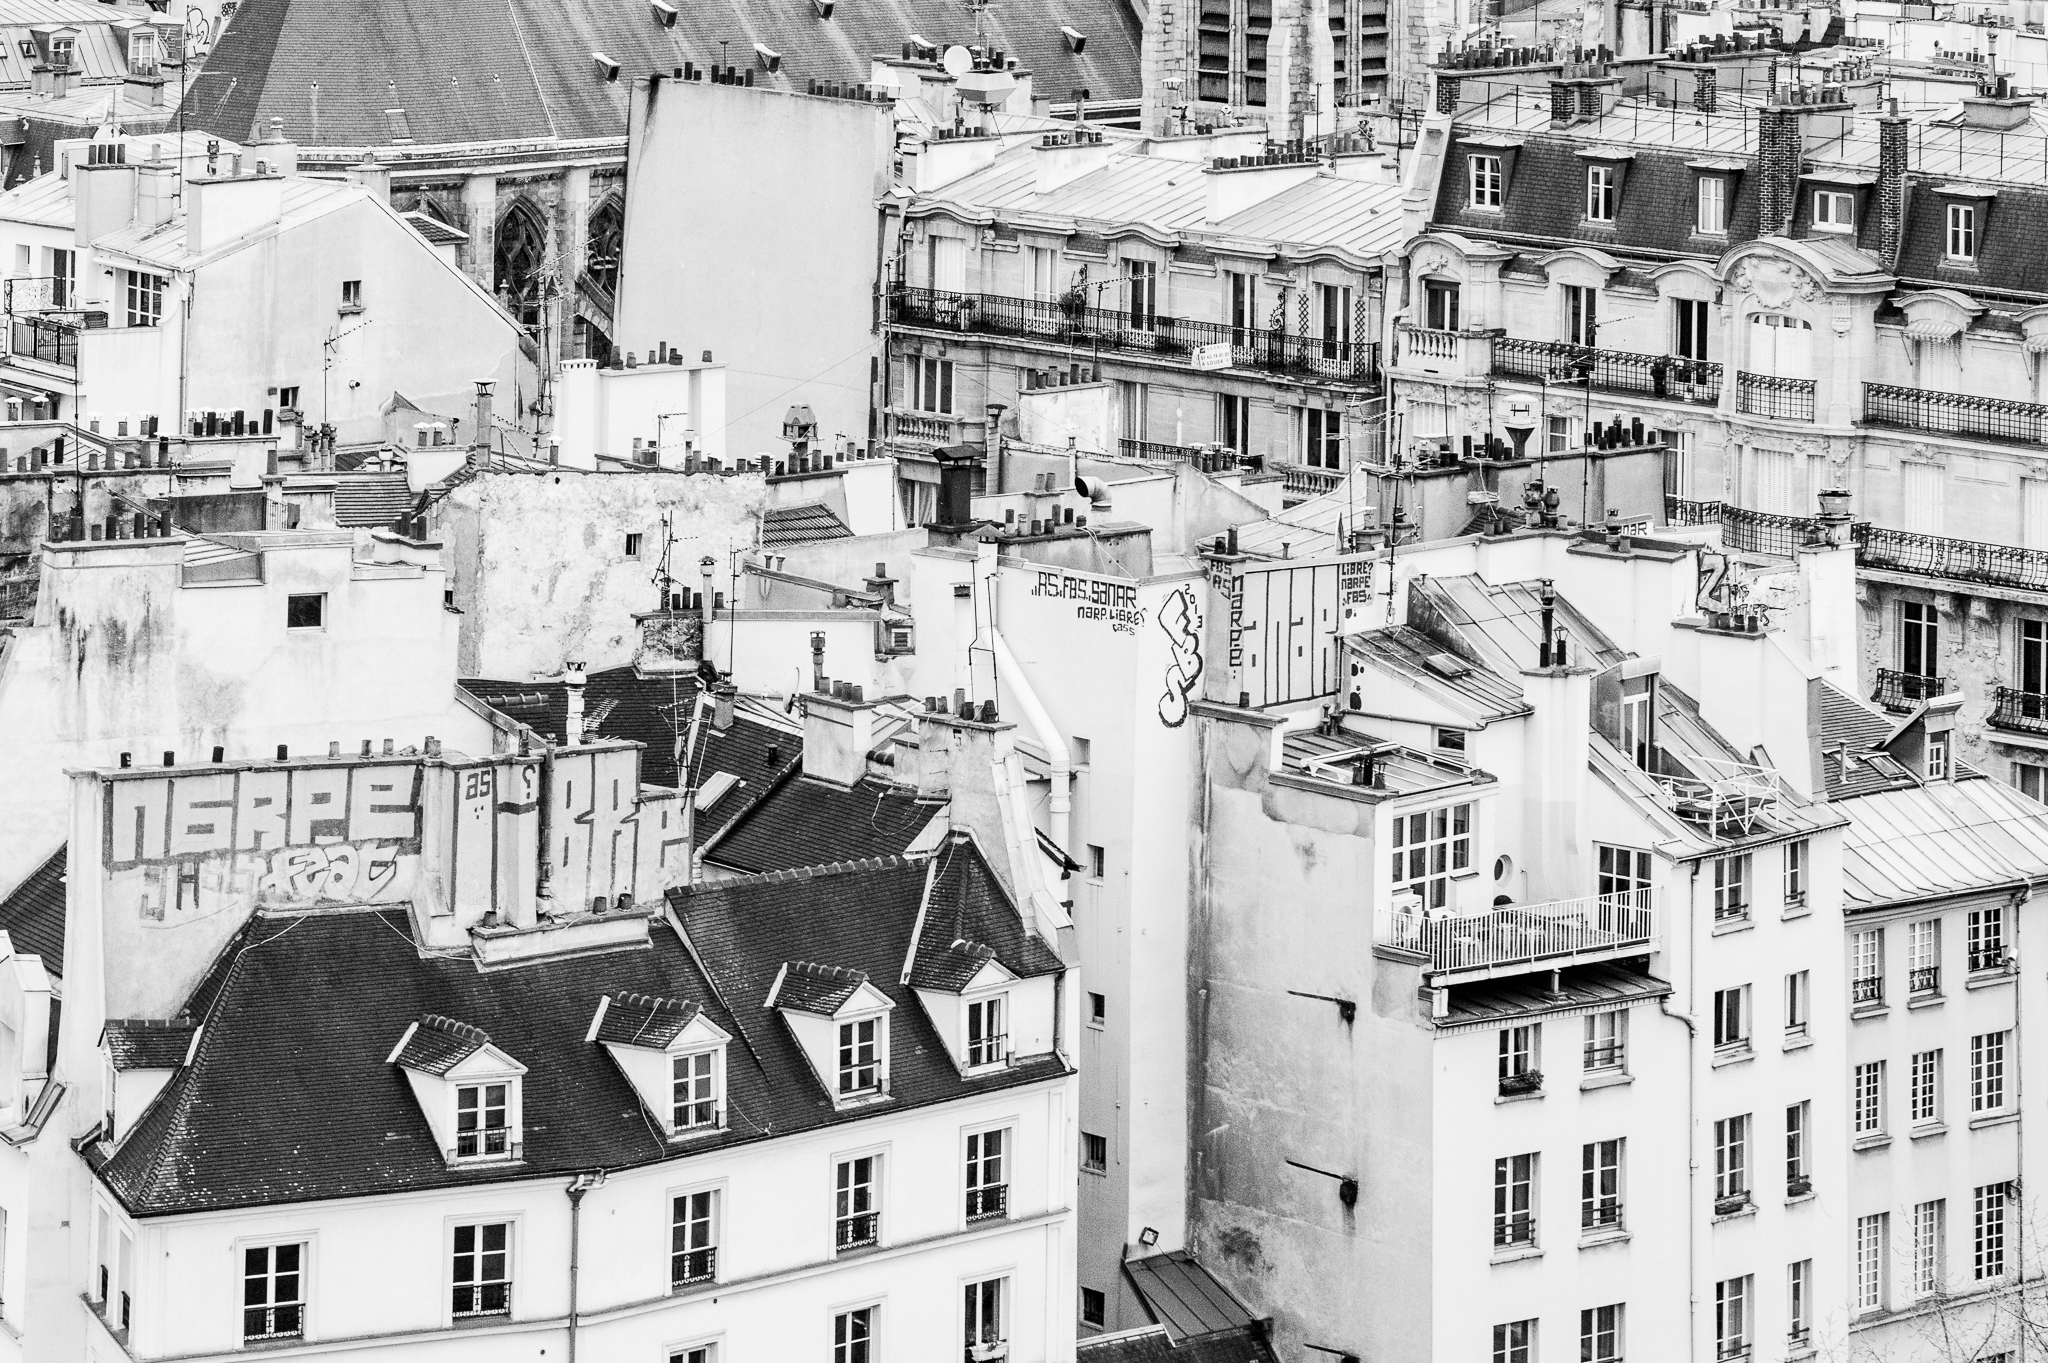 Jason-Davis-Images-Paris-0007.jpg